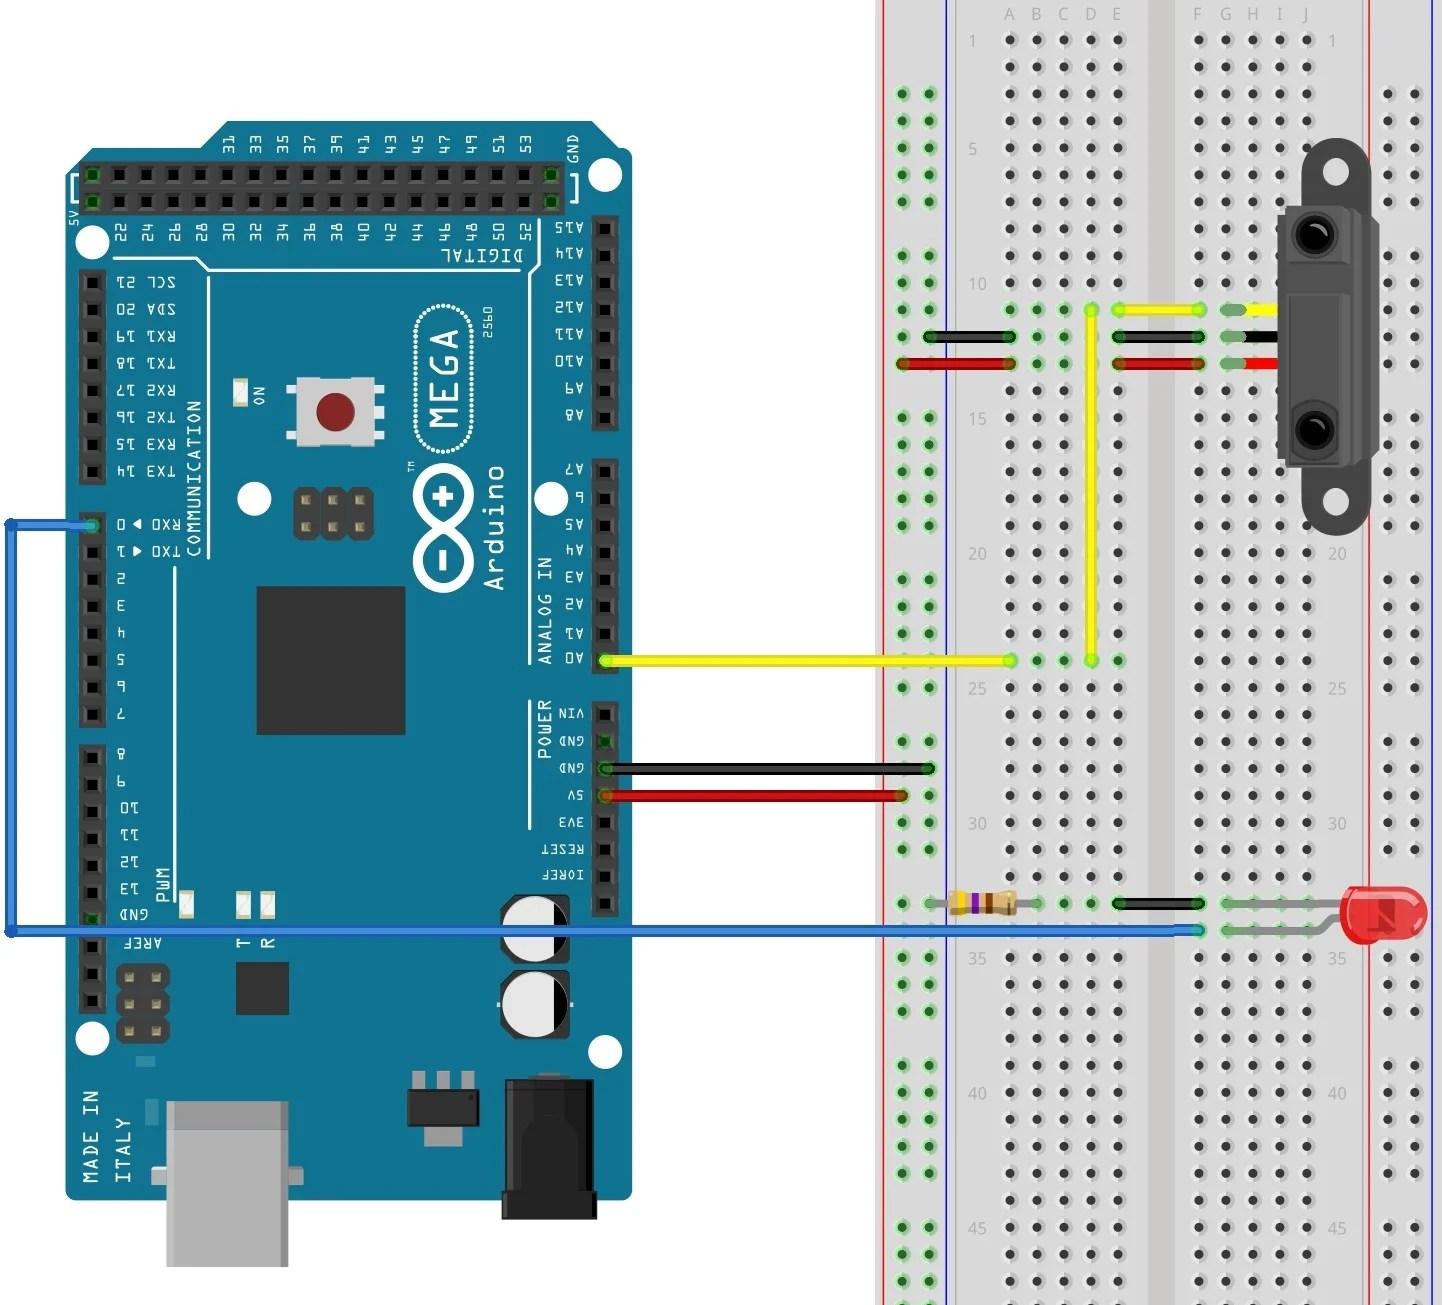 reading sensors with an arduinoarduino light sensor wiring diagram 11 [ 1442 x 1305 Pixel ]